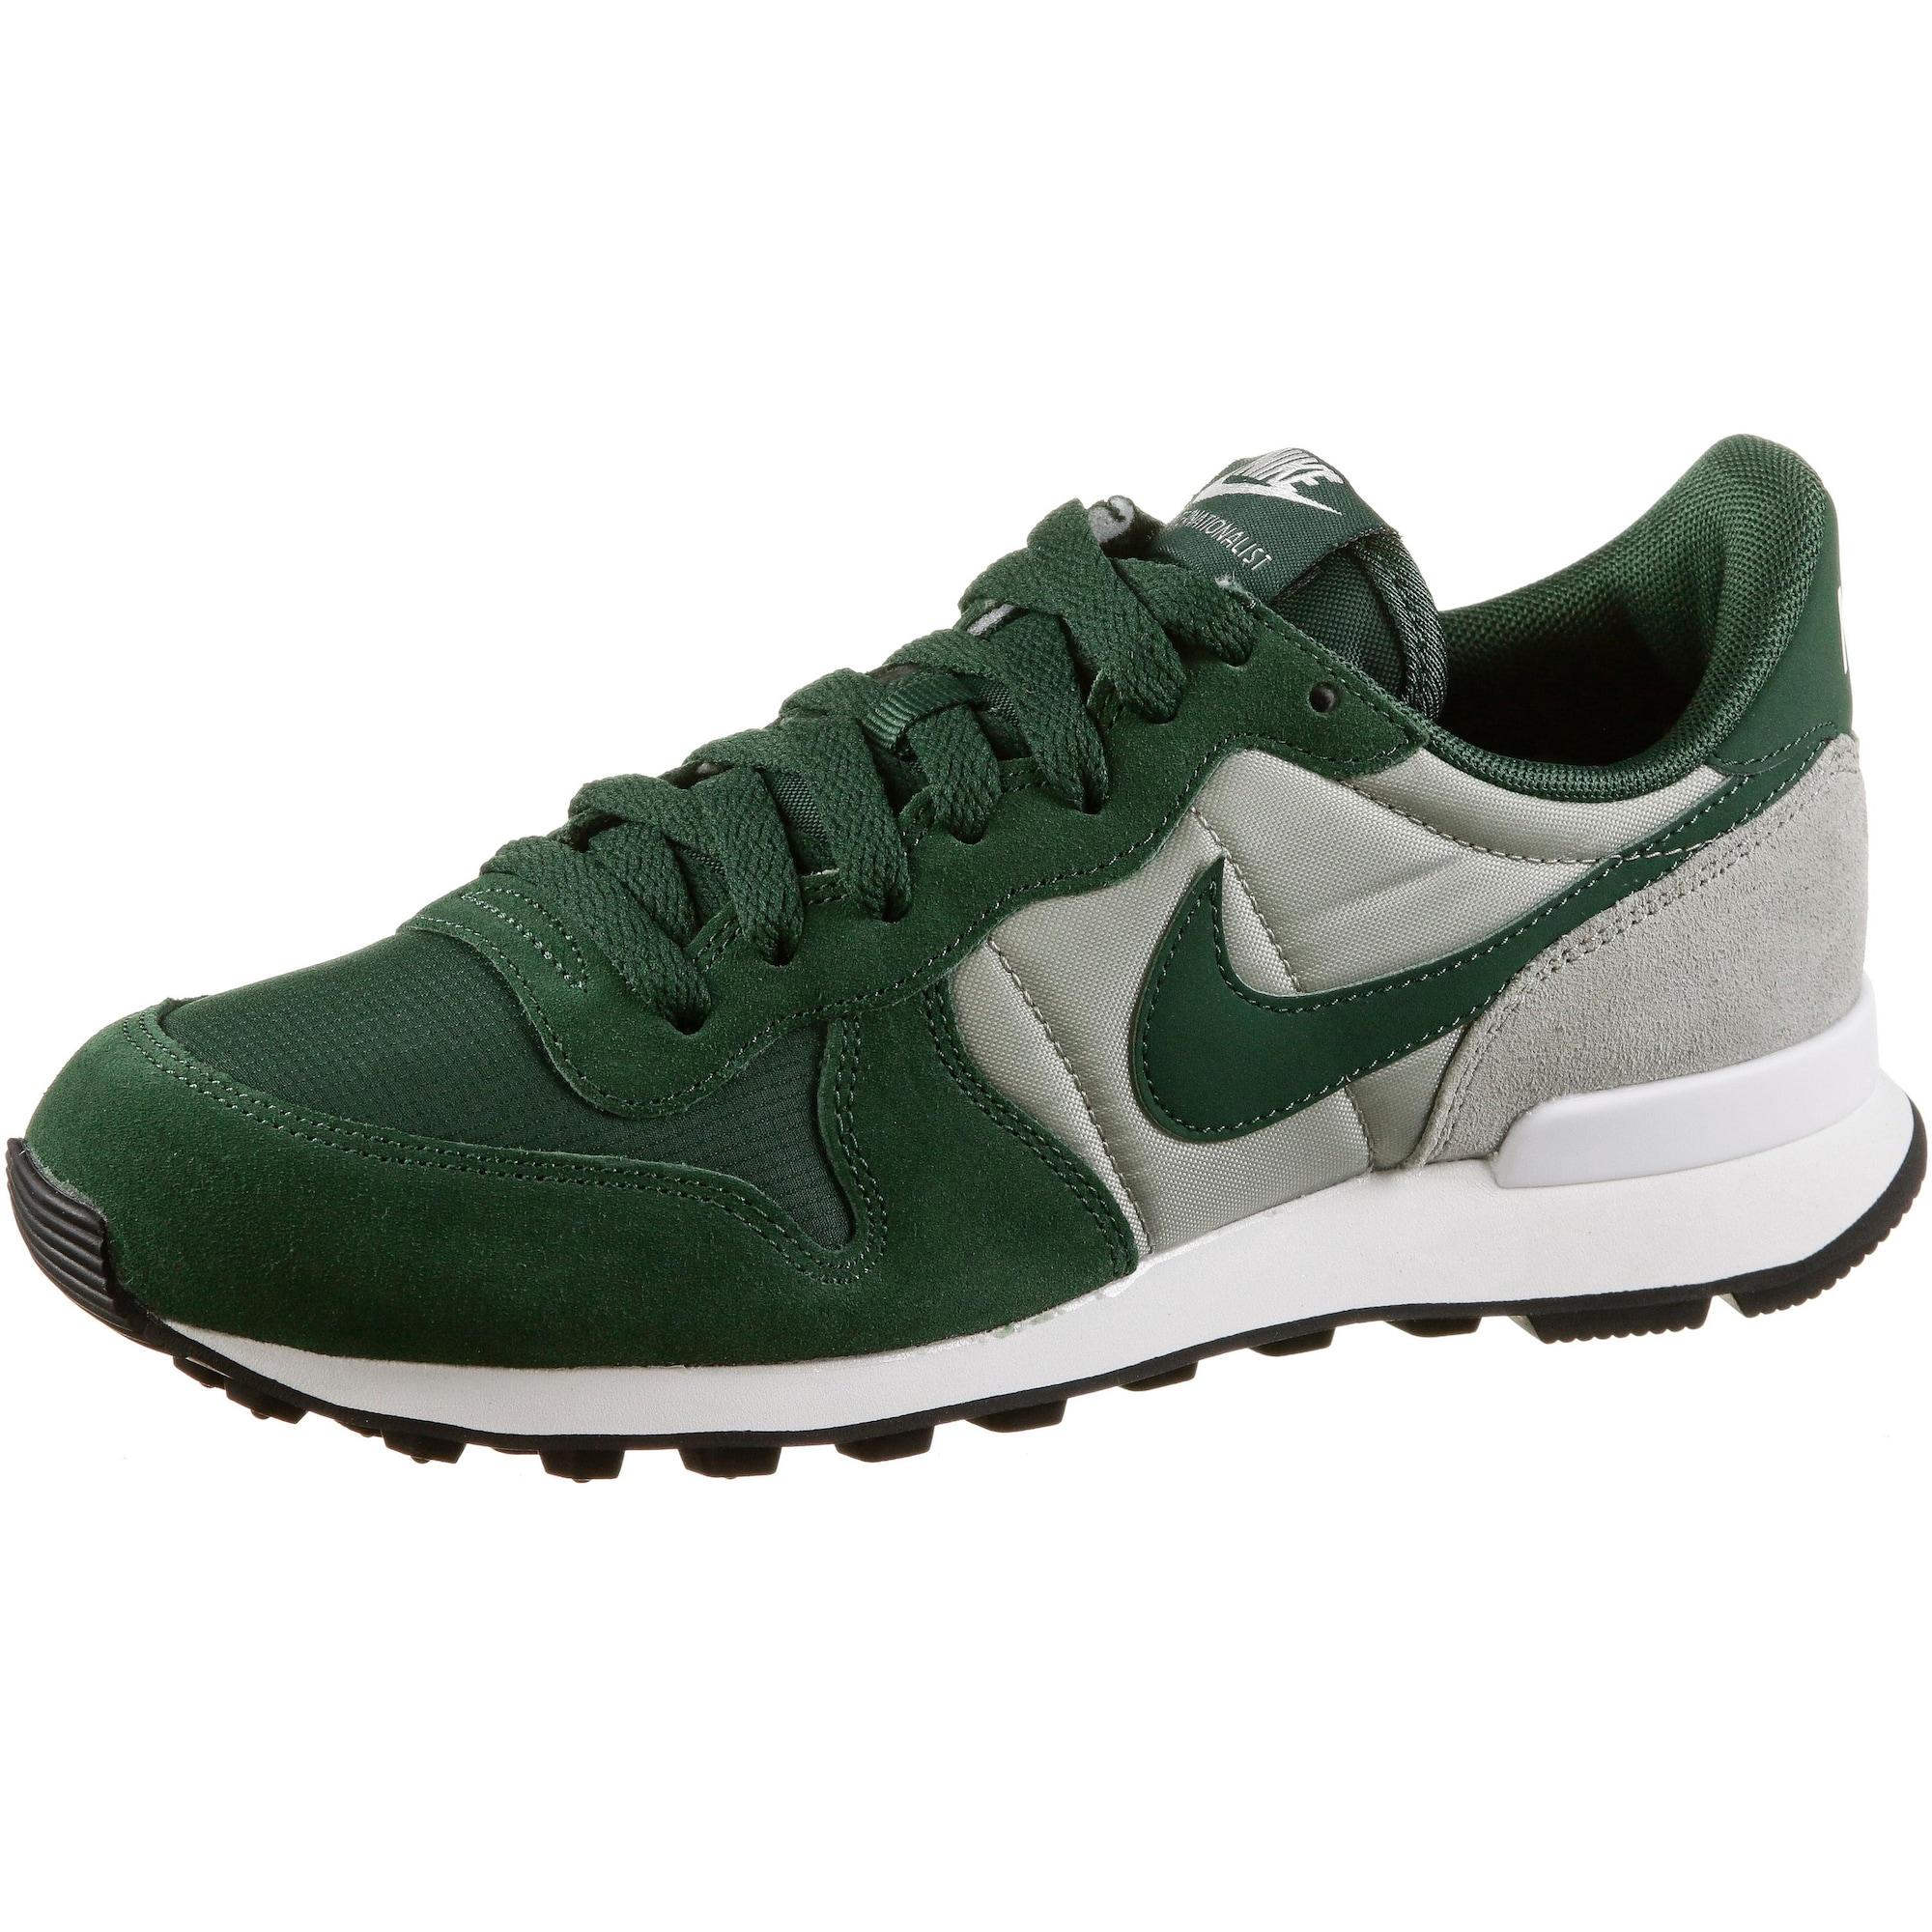 Tenisky Internationalist šedá tmavě zelená Nike Sportswear